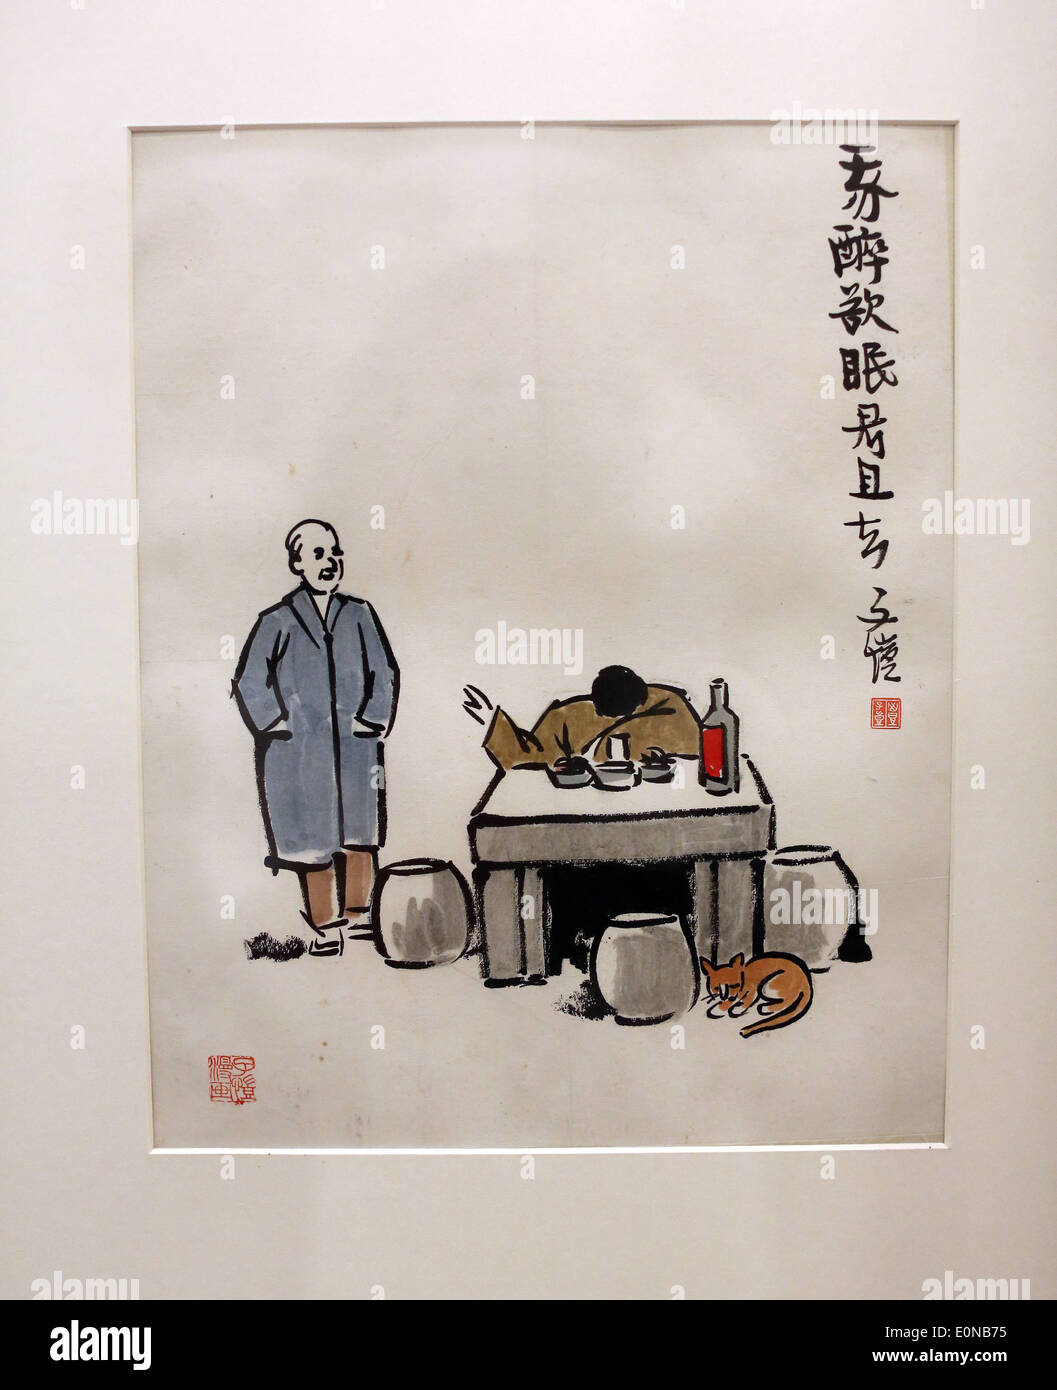 Shenyang. 16 Maggio, 2014. Foto scattata il 16 Maggio 2014 mostra un'opera d'arte del Feng Zikai, un famoso fumettista cinese, durante l'anteprima di una mostra di Feng di opere d'arte di Shenyang, capitale del nord-est della Cina di provincia di Liaoning. La art show sarà aperto al pubblico il 18 maggio. © Yao Jianfeng/Xinhua/Alamy Live News Immagini Stock